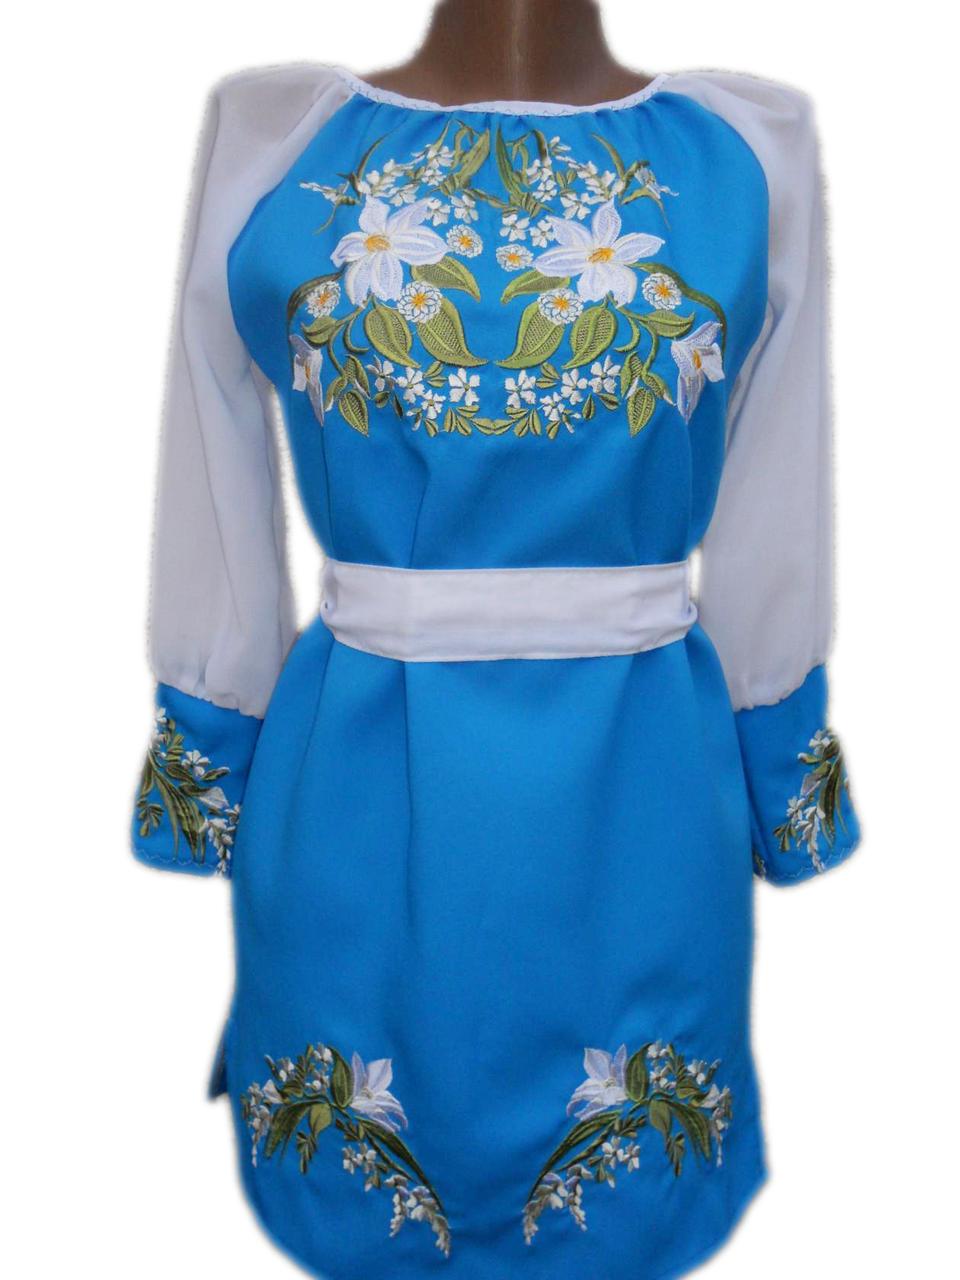 """Вишите плаття для дівчинки """"Мейрі"""" (Вышитое платье для девочки """"Мейри"""") DN-0041"""